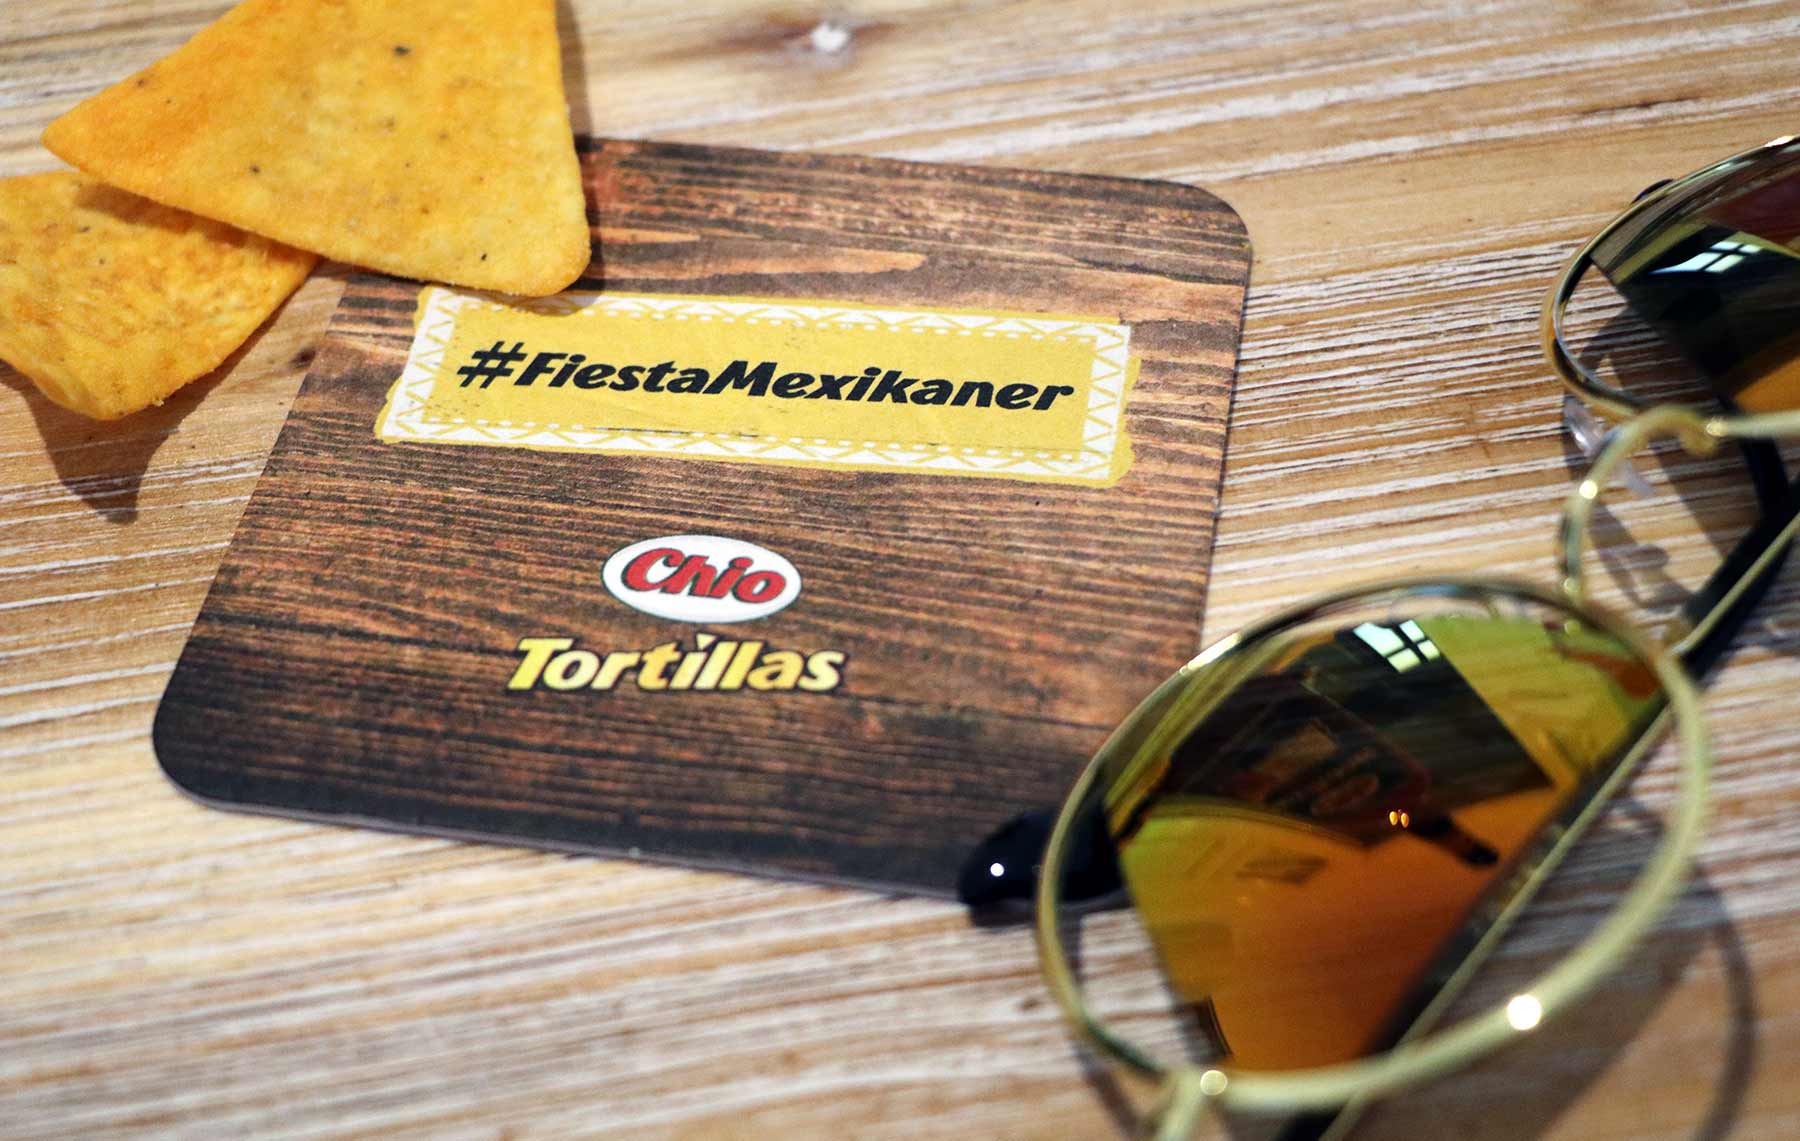 10 exklusive #FiestaMexikaner Party Packs von Chio zu gewinnen! Chio-Chips-FiestaMexikaner_07